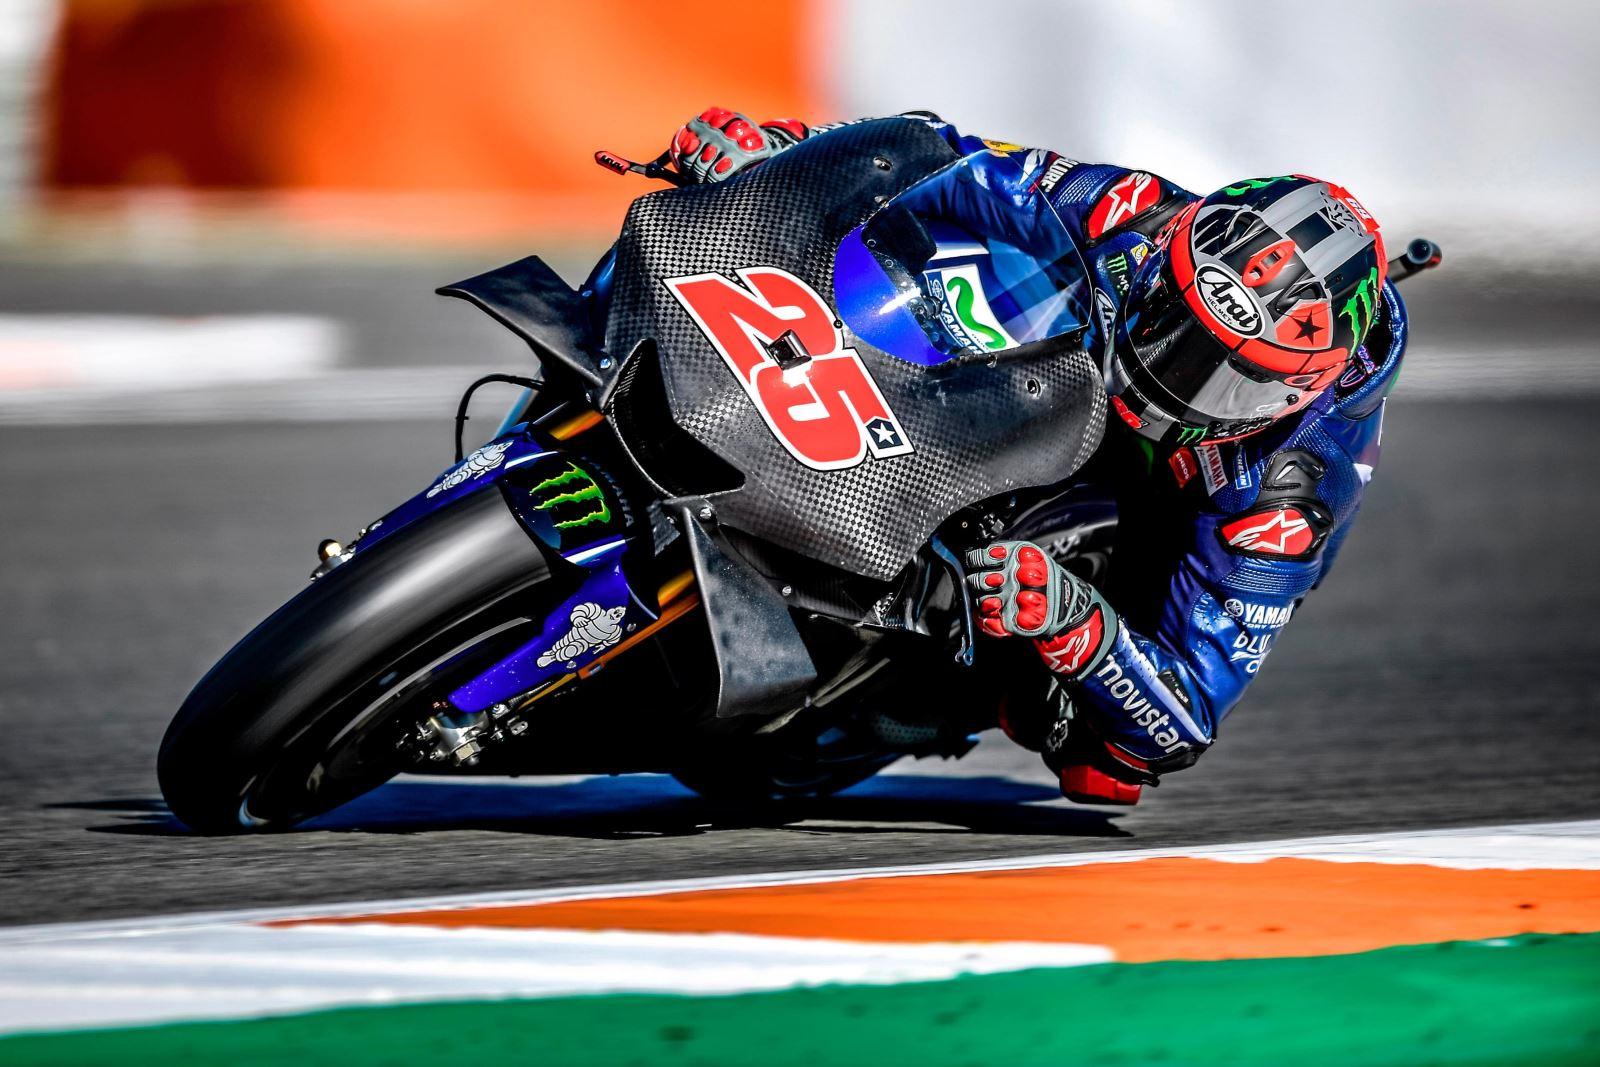 MotoGP 2018 Sezonunda Ne Olacak? 7. İçerik Fotoğrafı